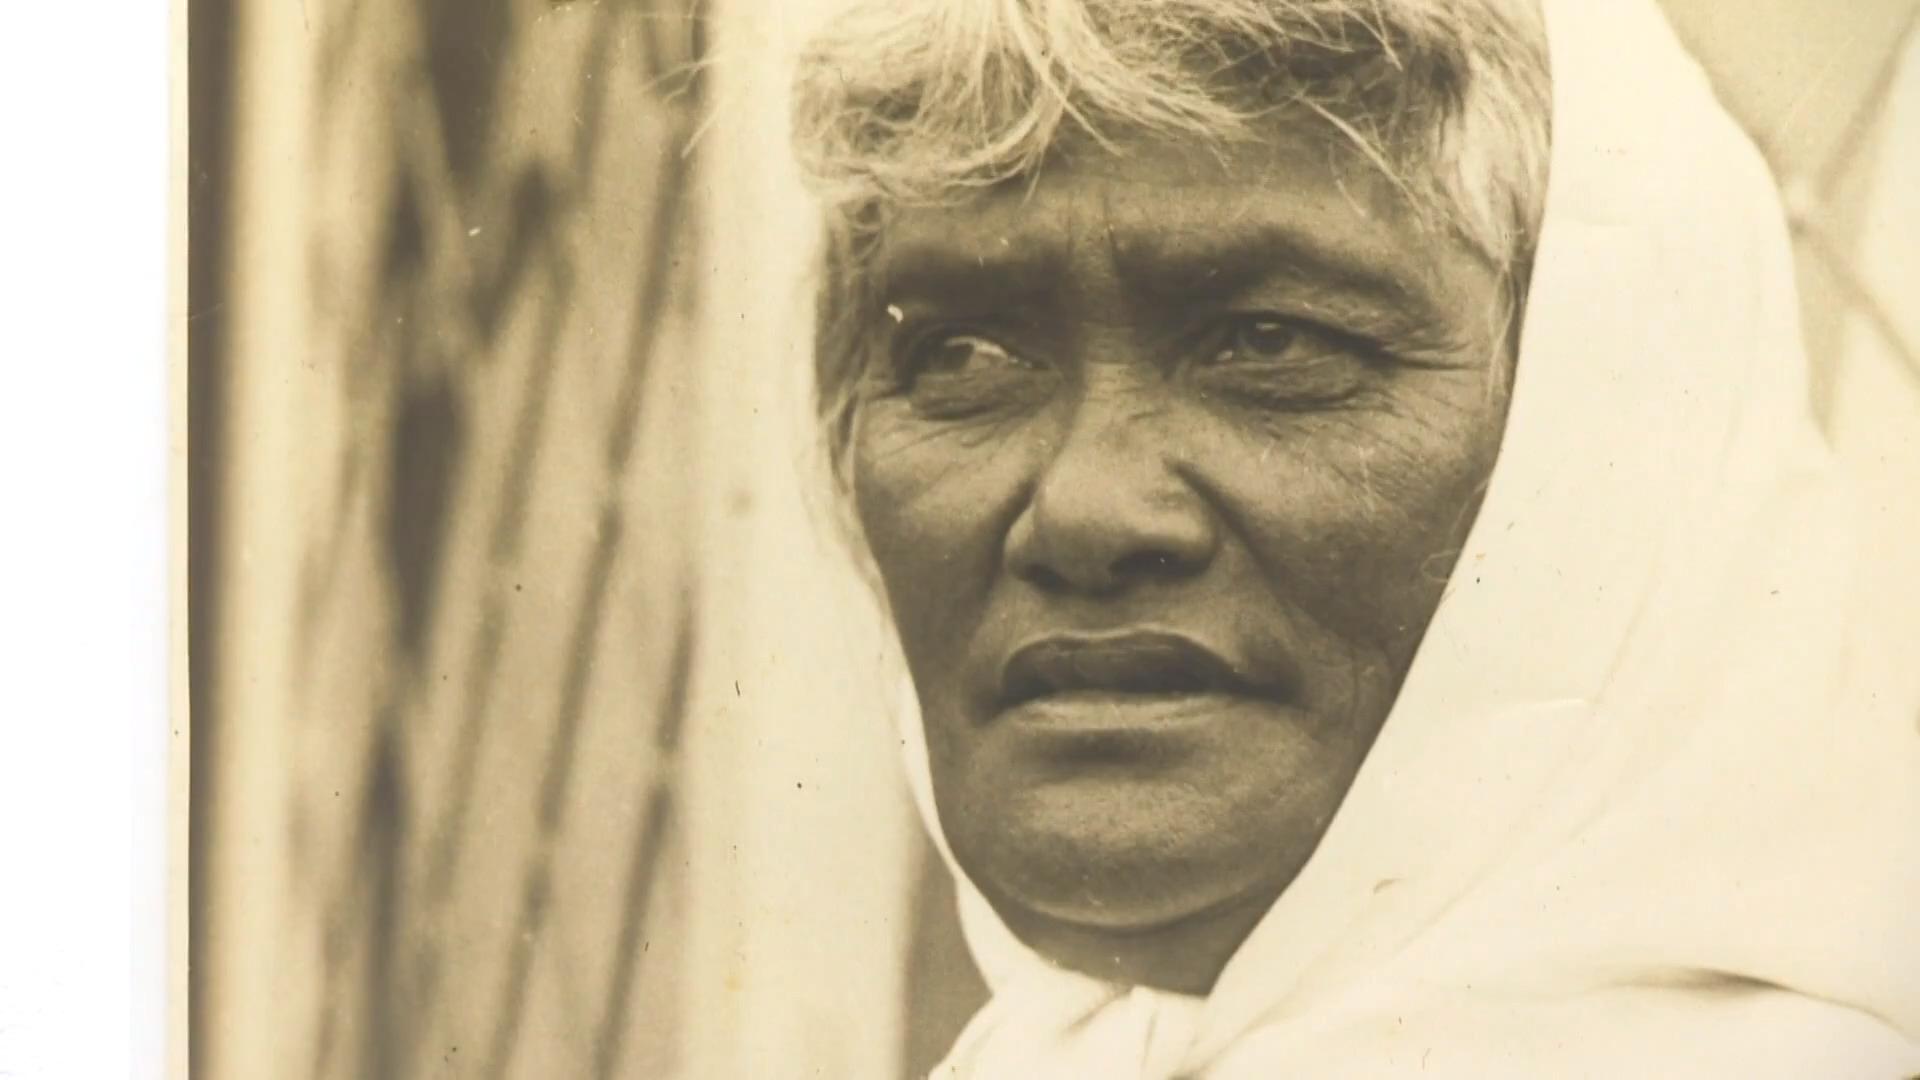 Video for E whakatīnana tonu ana ngā moemoeā o Te Puea hei manaaki i te iwi